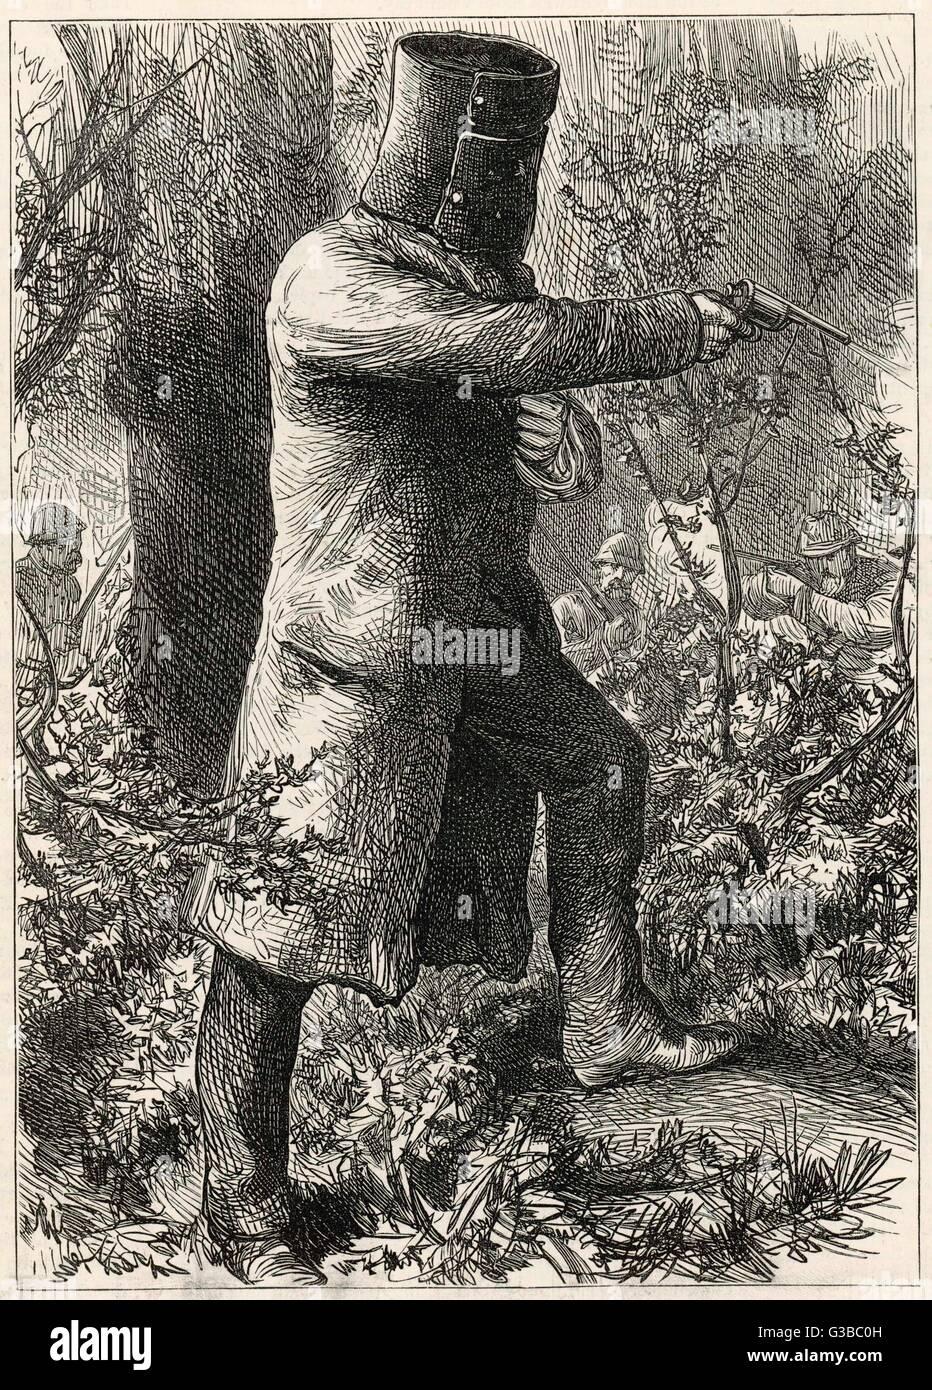 Ned Kelly, australischer Legende macht seinen letzten Stand.         Datum: 1880 Stockbild